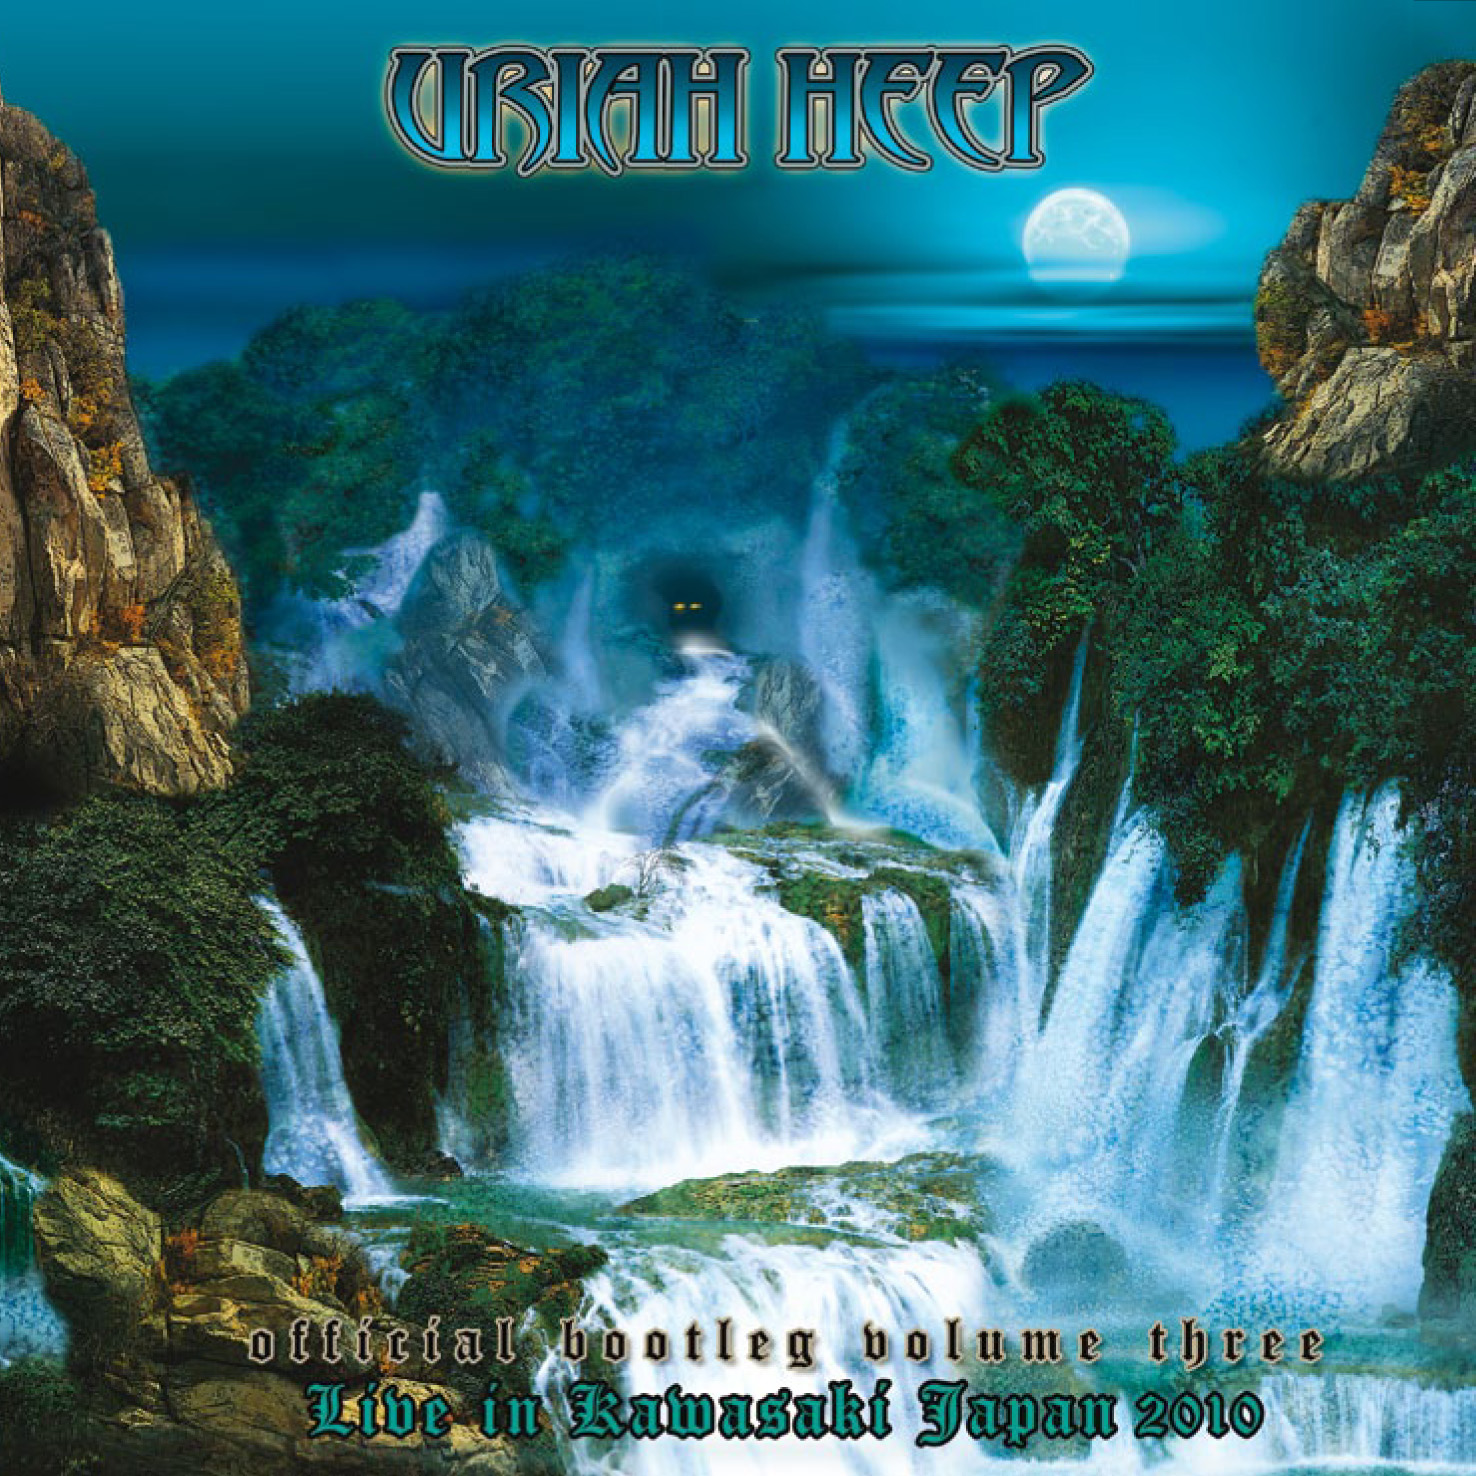 J J D 's Reviews And Interviews Blog: Uriah Heep - Official Bootleg